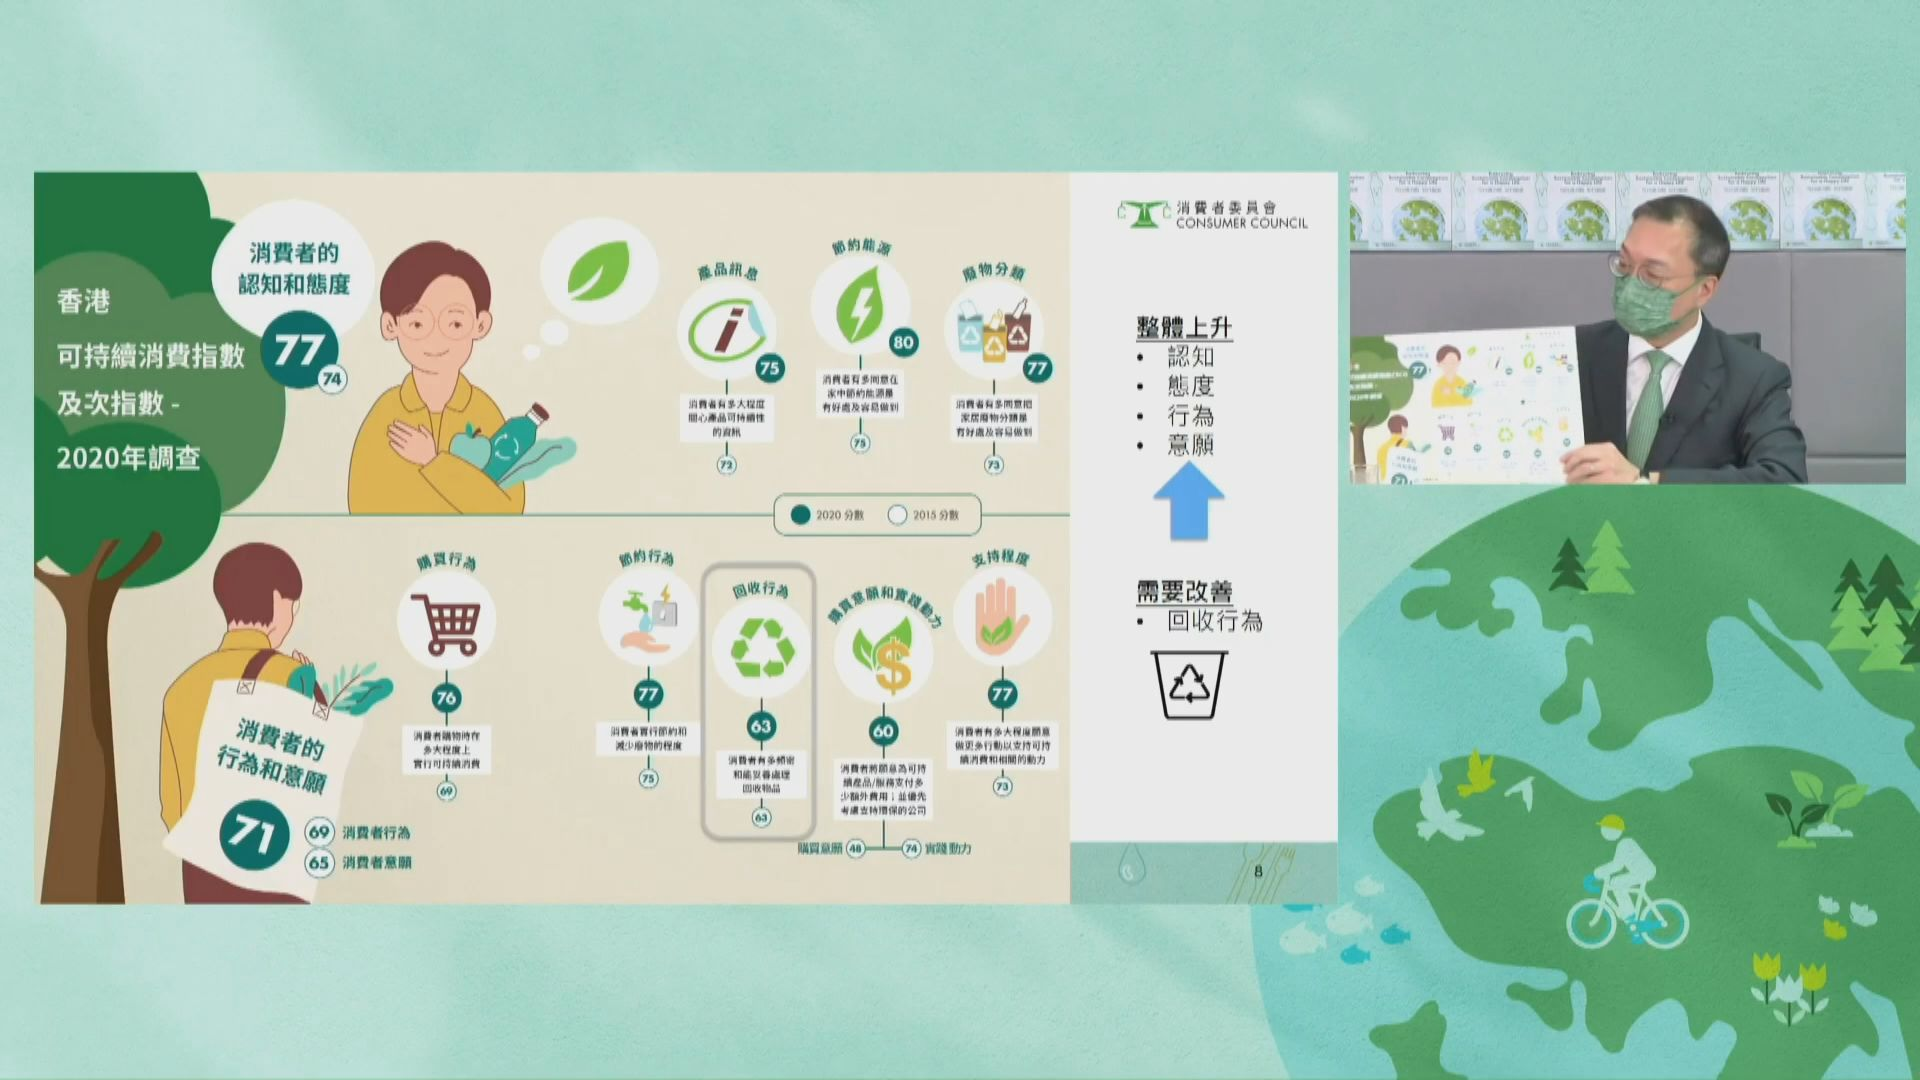 消委會研究:市民不願回收紙張及塑膠比率上升